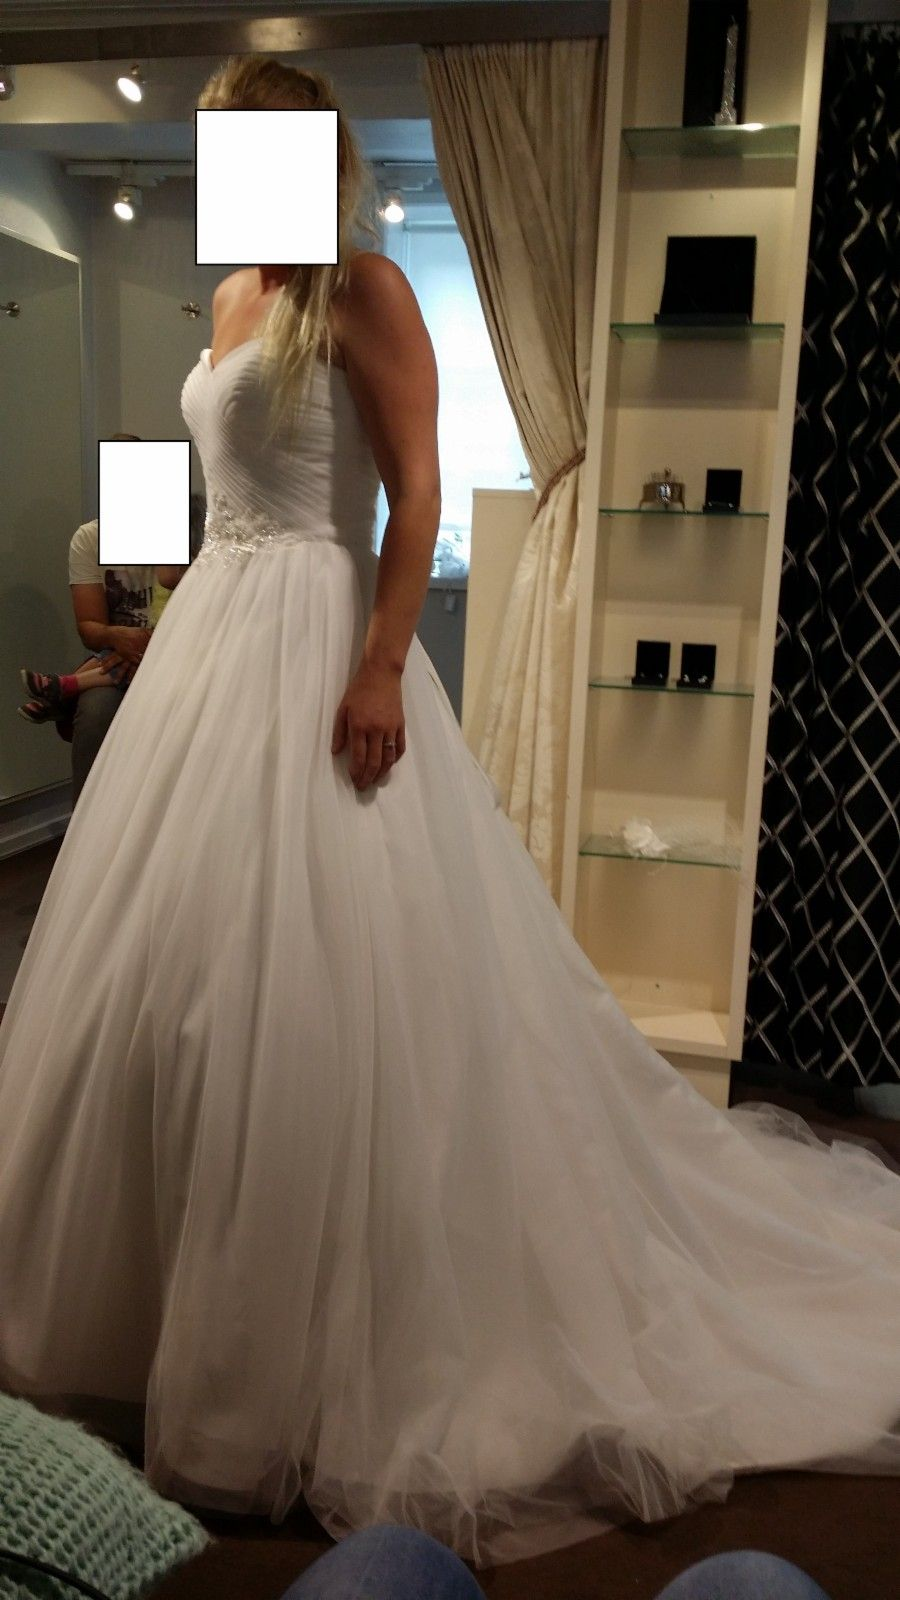 192c97d5 Brudekjole fra Lilly - Ikke brukt | FINN.no